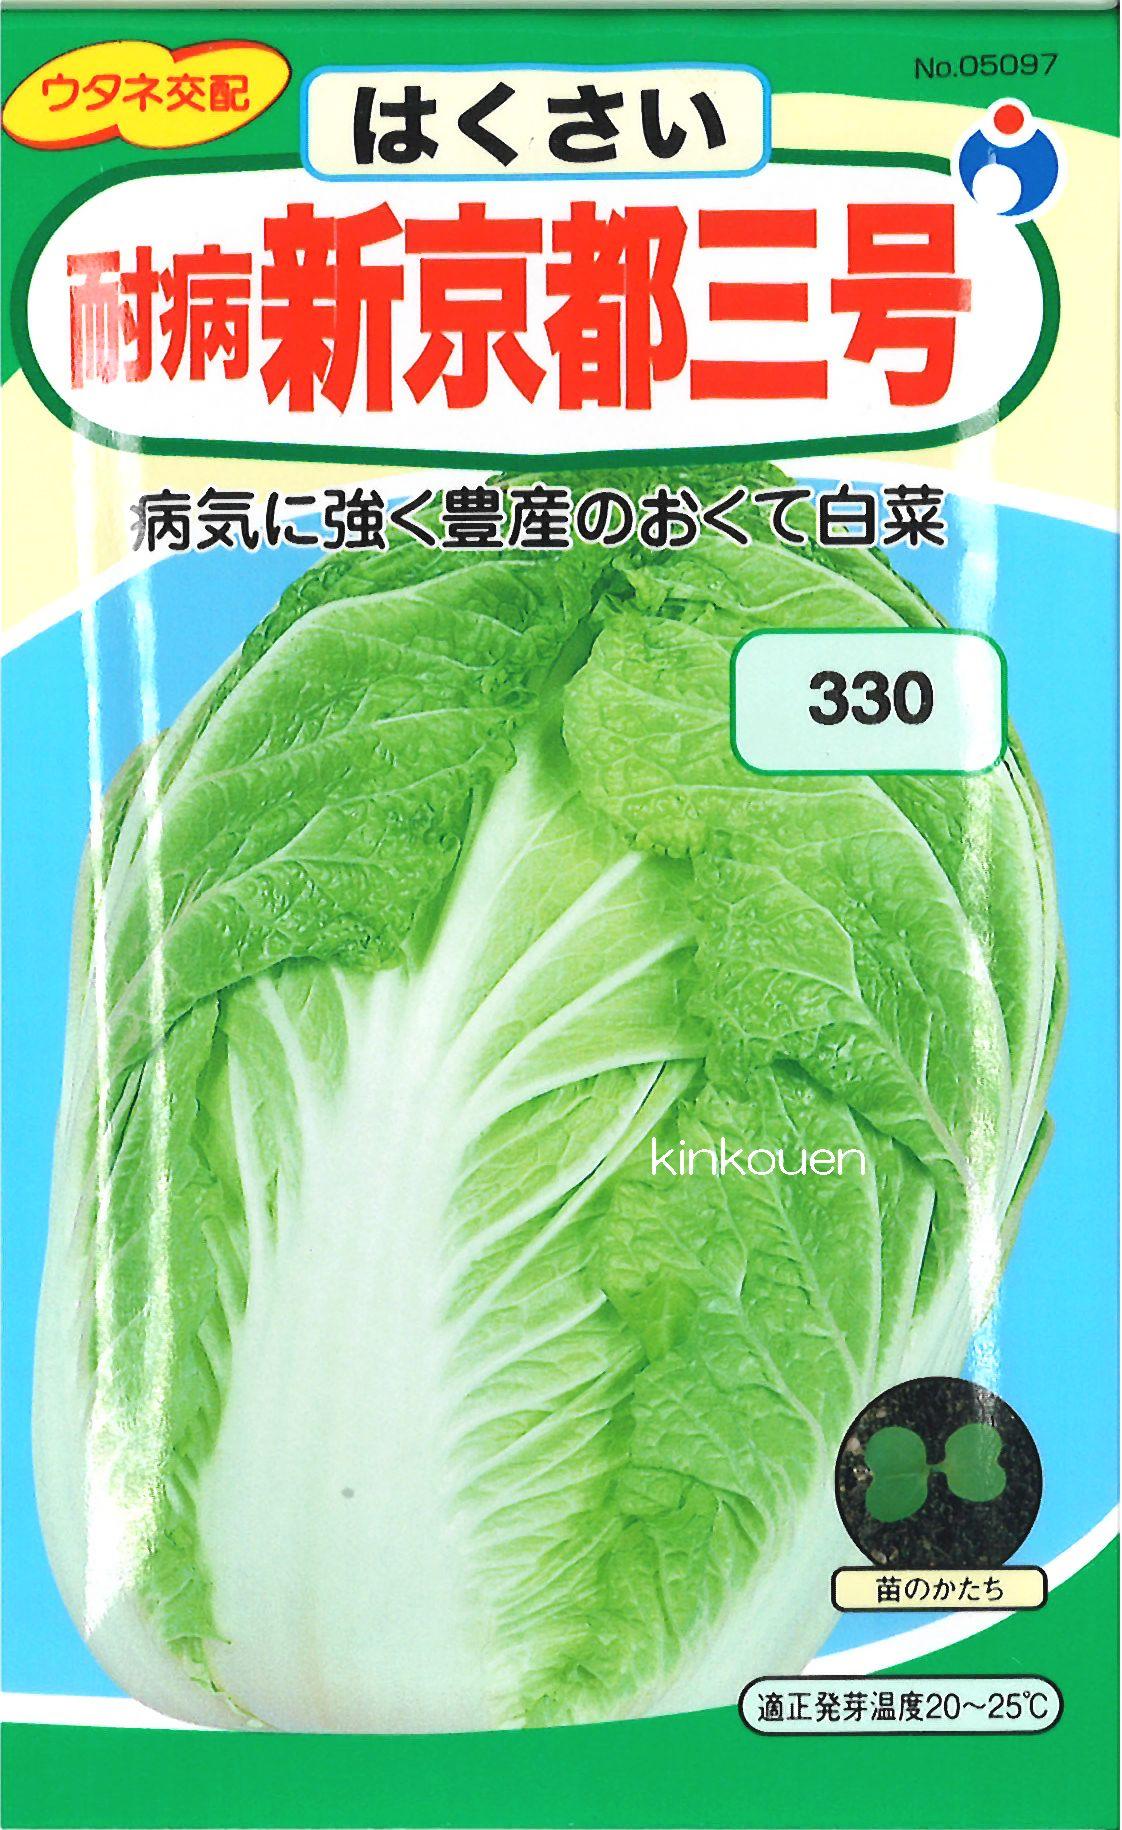 【代引不可】【5袋まで送料80円】 □ ハクサイ 耐病新京都三号